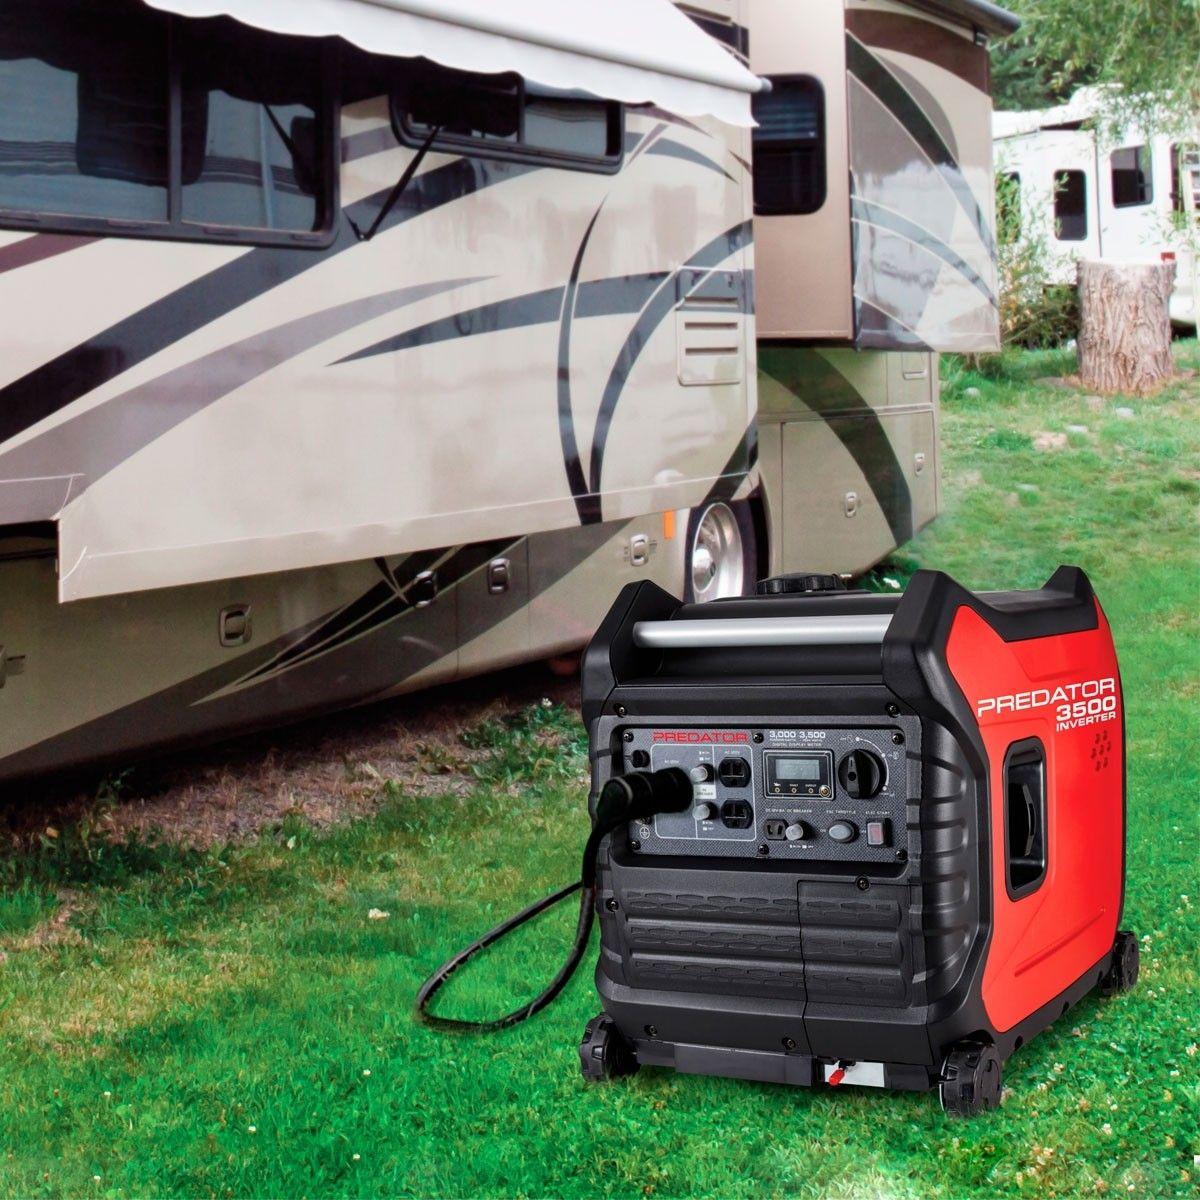 Buy the Predator 3500 Watt SuperQuiet Inverter Generator